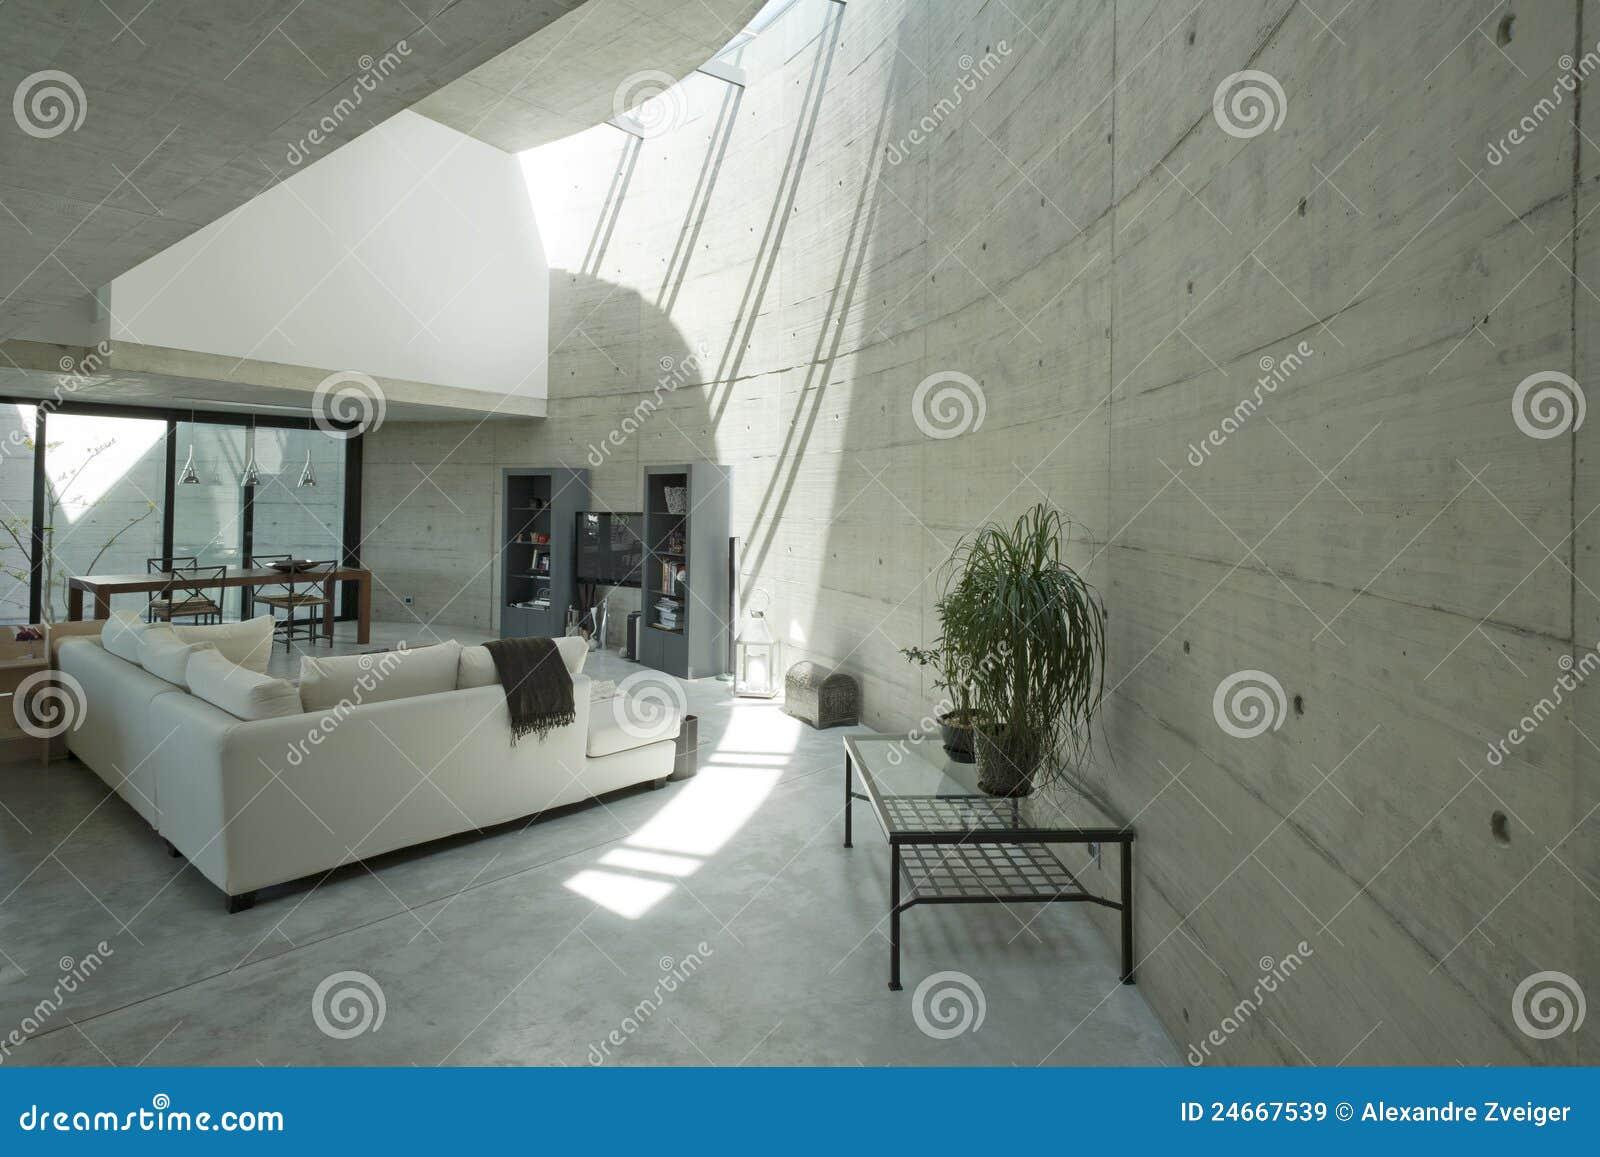 Intérieur De Maison En Béton Moderne, Salle De Séjour